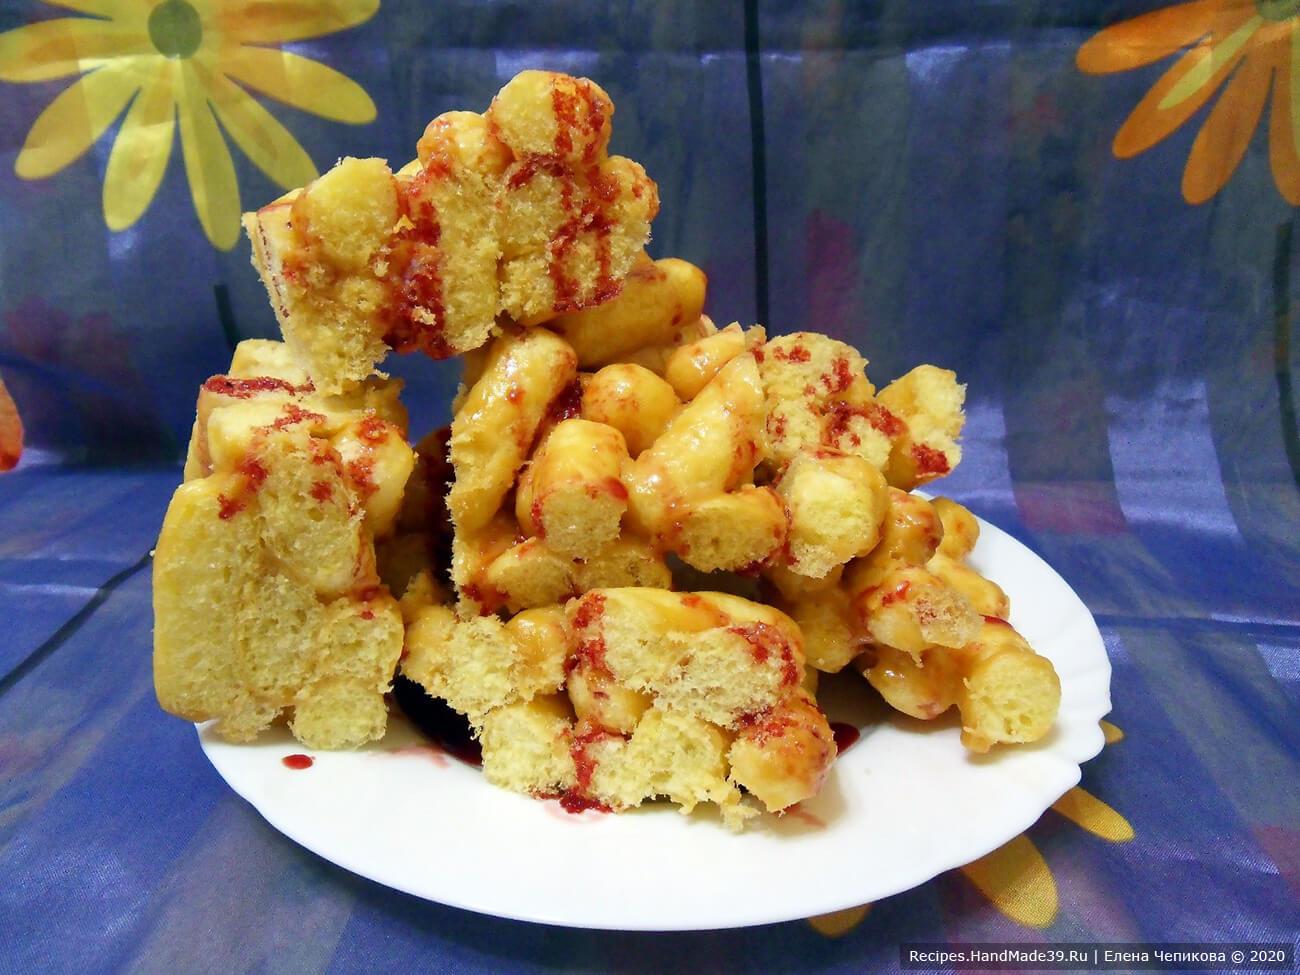 Чак-чак из кукурузных палочек – пошаговый кулинарный рецепт с фото